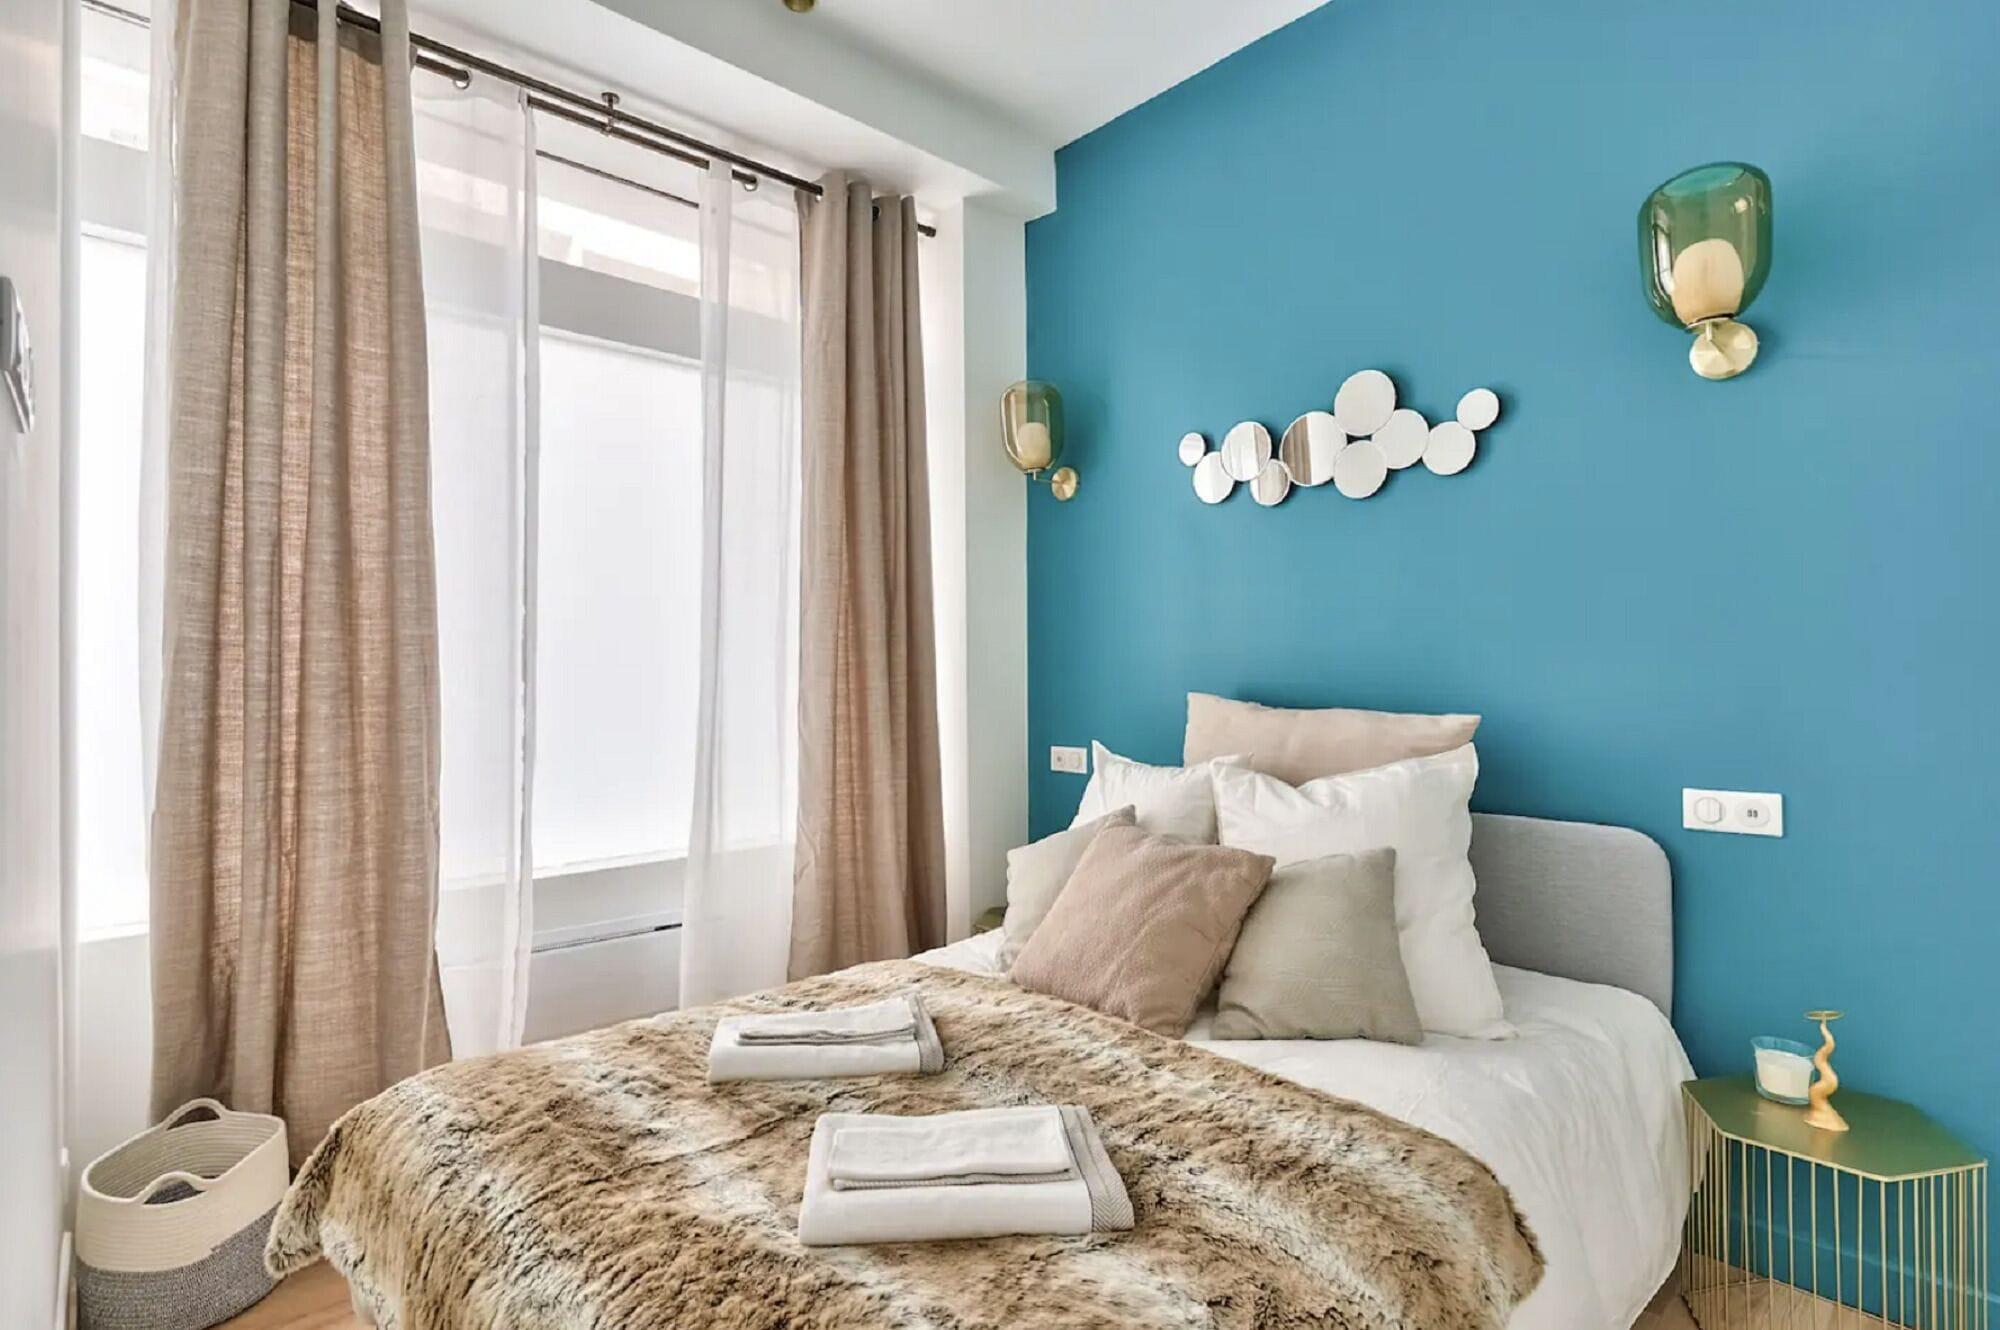 Appartement La Motte-picquet - Grenelle